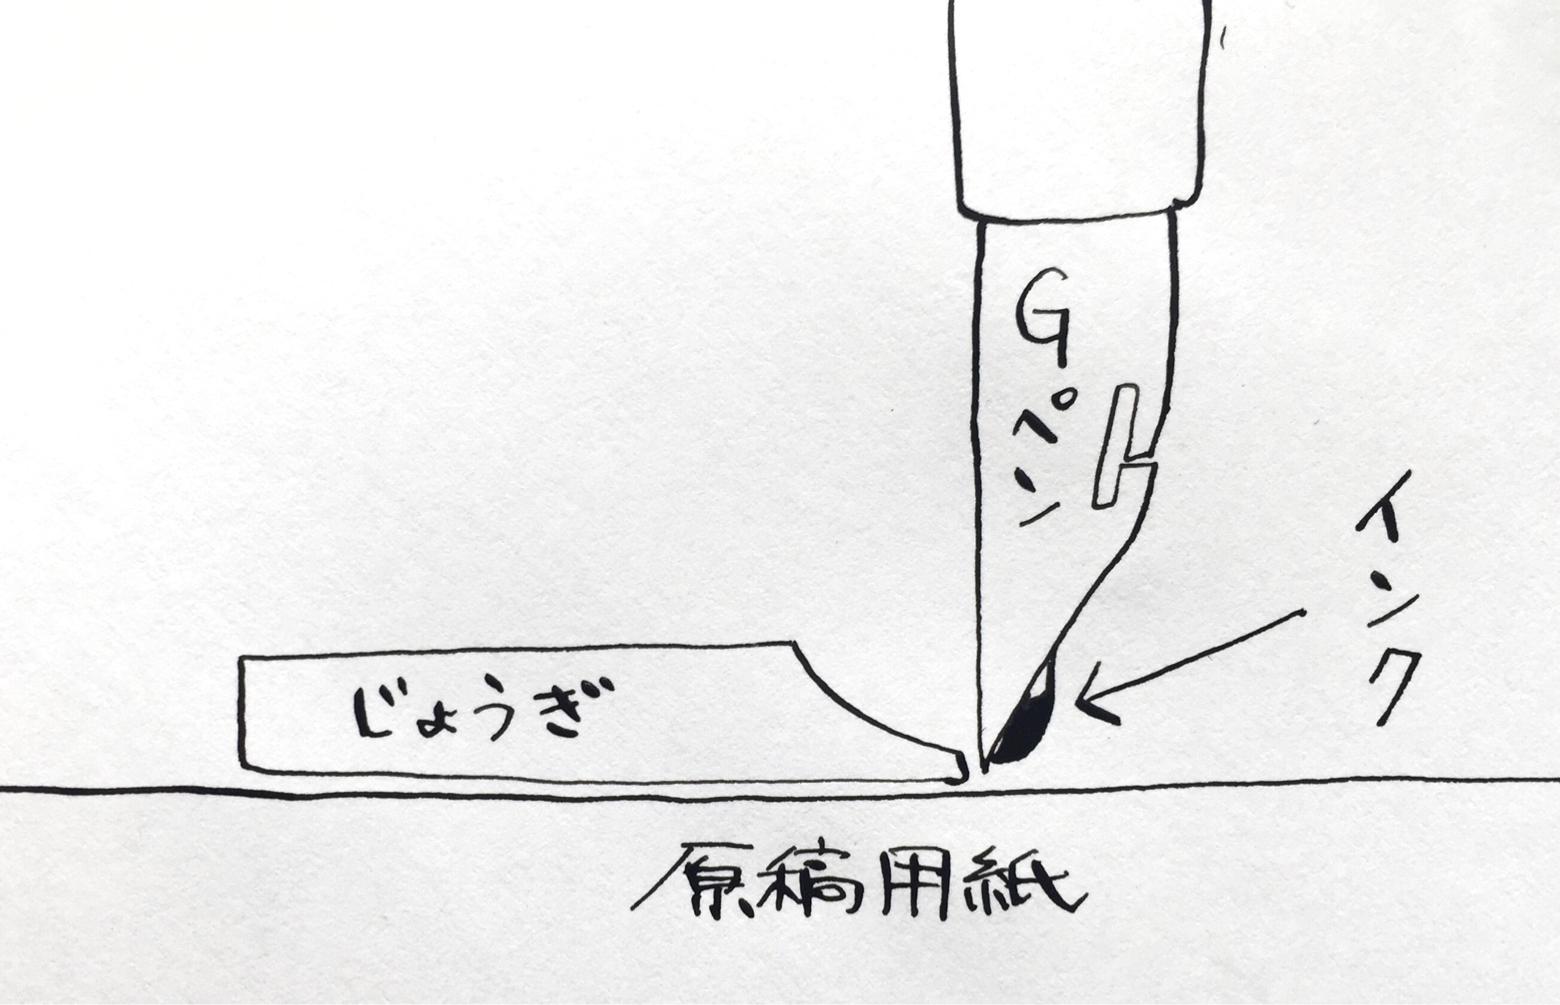 漫画の描き方 定規のイラスト